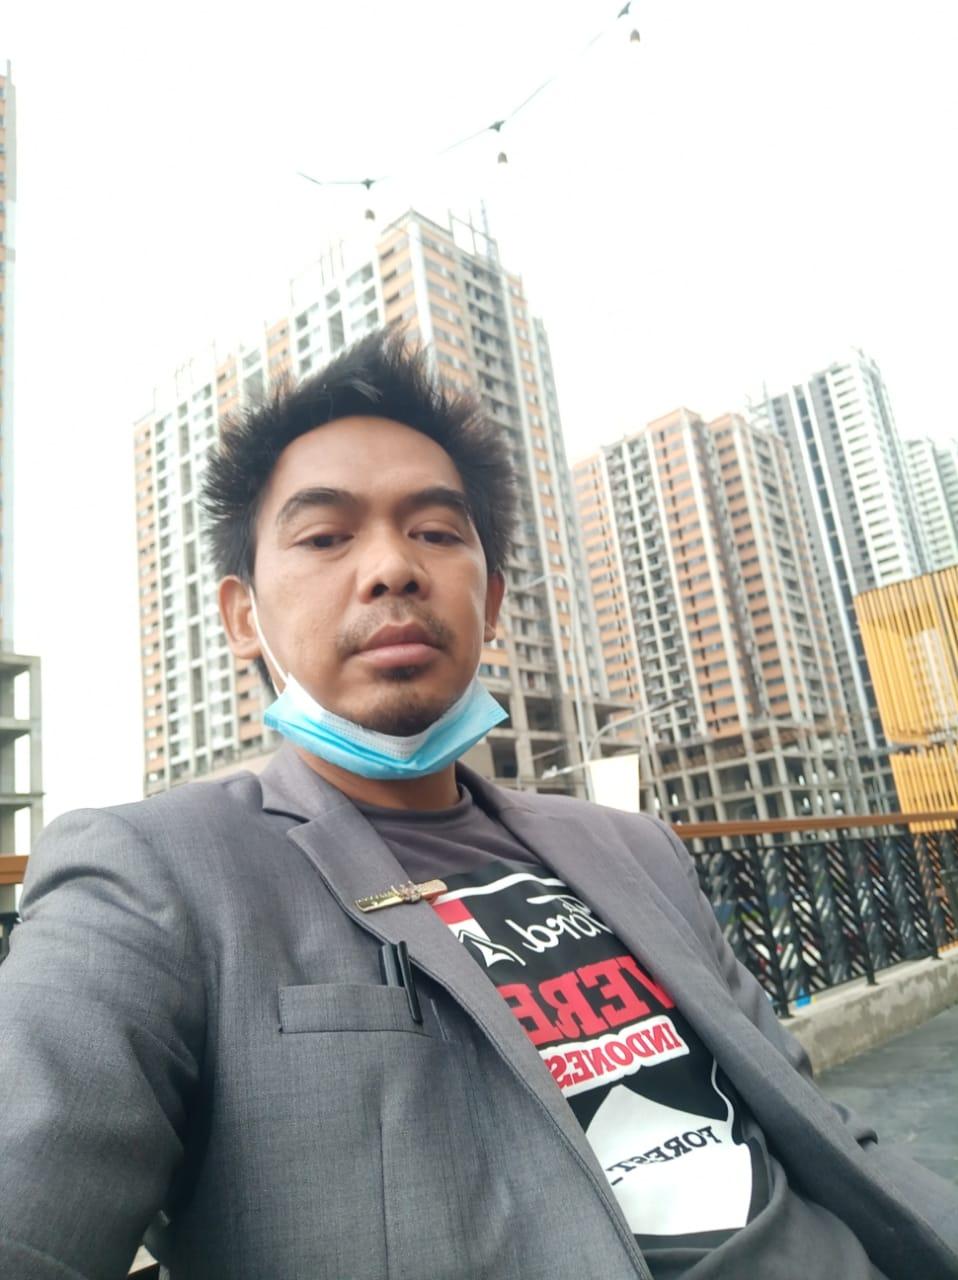 wp-1606786059967.jpg